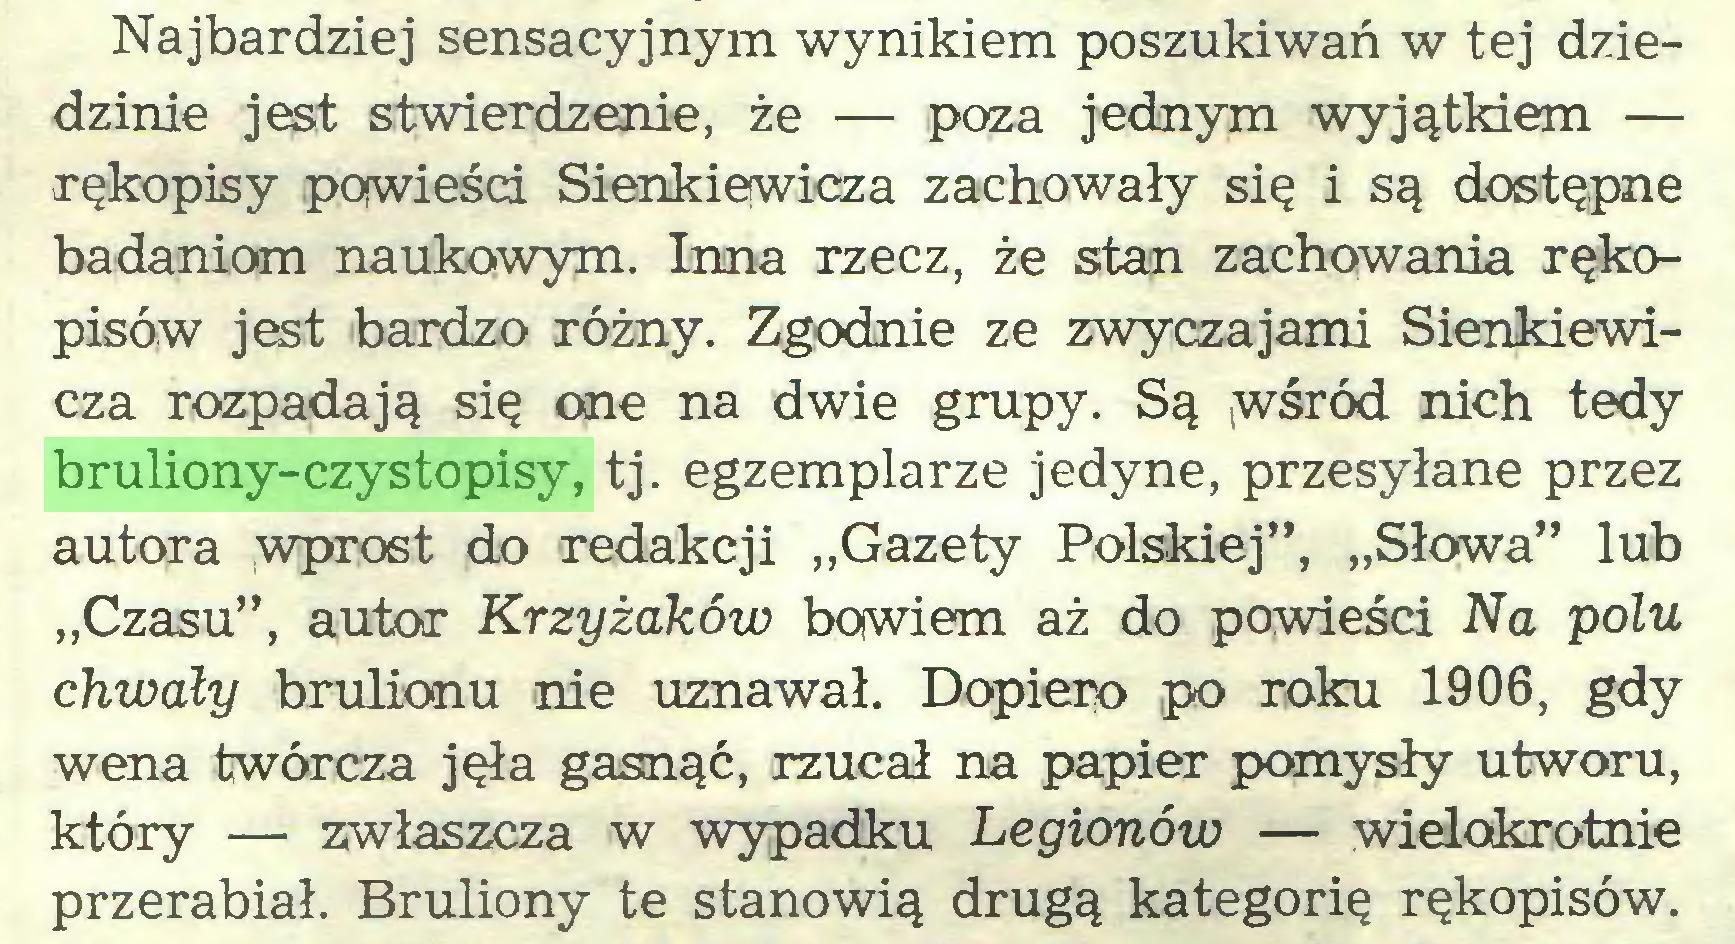 """(...) Najbardziej sensacyjnym wynikiem poszukiwań w tej dziedzinie jest stwierdzenie, że — poza jednym wyjątkiem — rękopisy powieści Sienkiewicza zachowały się i są dostępne badaniom naukowym. Inna rzecz, że stan zachowania rękopisów jest bardzo różny. Zgodnie ze zwyczajami Sienkiewicza rozpadają się one na dwie grupy. Są wśród nich tedy bruliony-czystopisy, tj. egzemplarze jedyne, przesyłane przez autora wprost do redakcji """"Gazety Polskiej"""", """"Słowa"""" lub """"Czasu"""", autor Krzyżaków bowiem aż do powieści Na polu chwały brulionu nie uznawał. Dopiero po roku 1906, gdy wena twórcza jęła gasnąć, rzucał na papier pomysły utworu, który — zwłaszcza w wypadku Legionów — wielokrotnie przerabiał. Bruliony te stanowią drugą kategorię rękopisów..."""